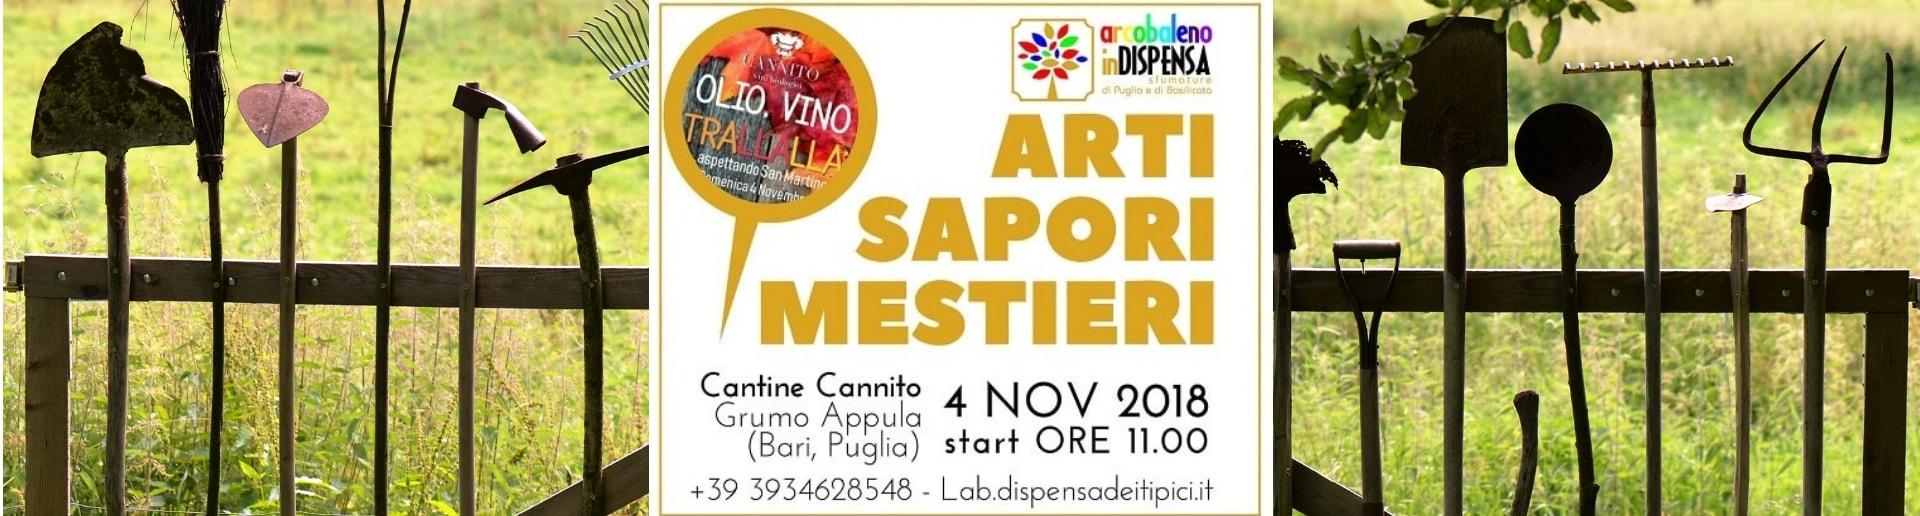 Olio, Vino, TraLLaLLá: arcobaleno di arti, sapori e mestieri a Cantine Cannito il 4 Novembre a Grumo Appula (Bari, Puglia)